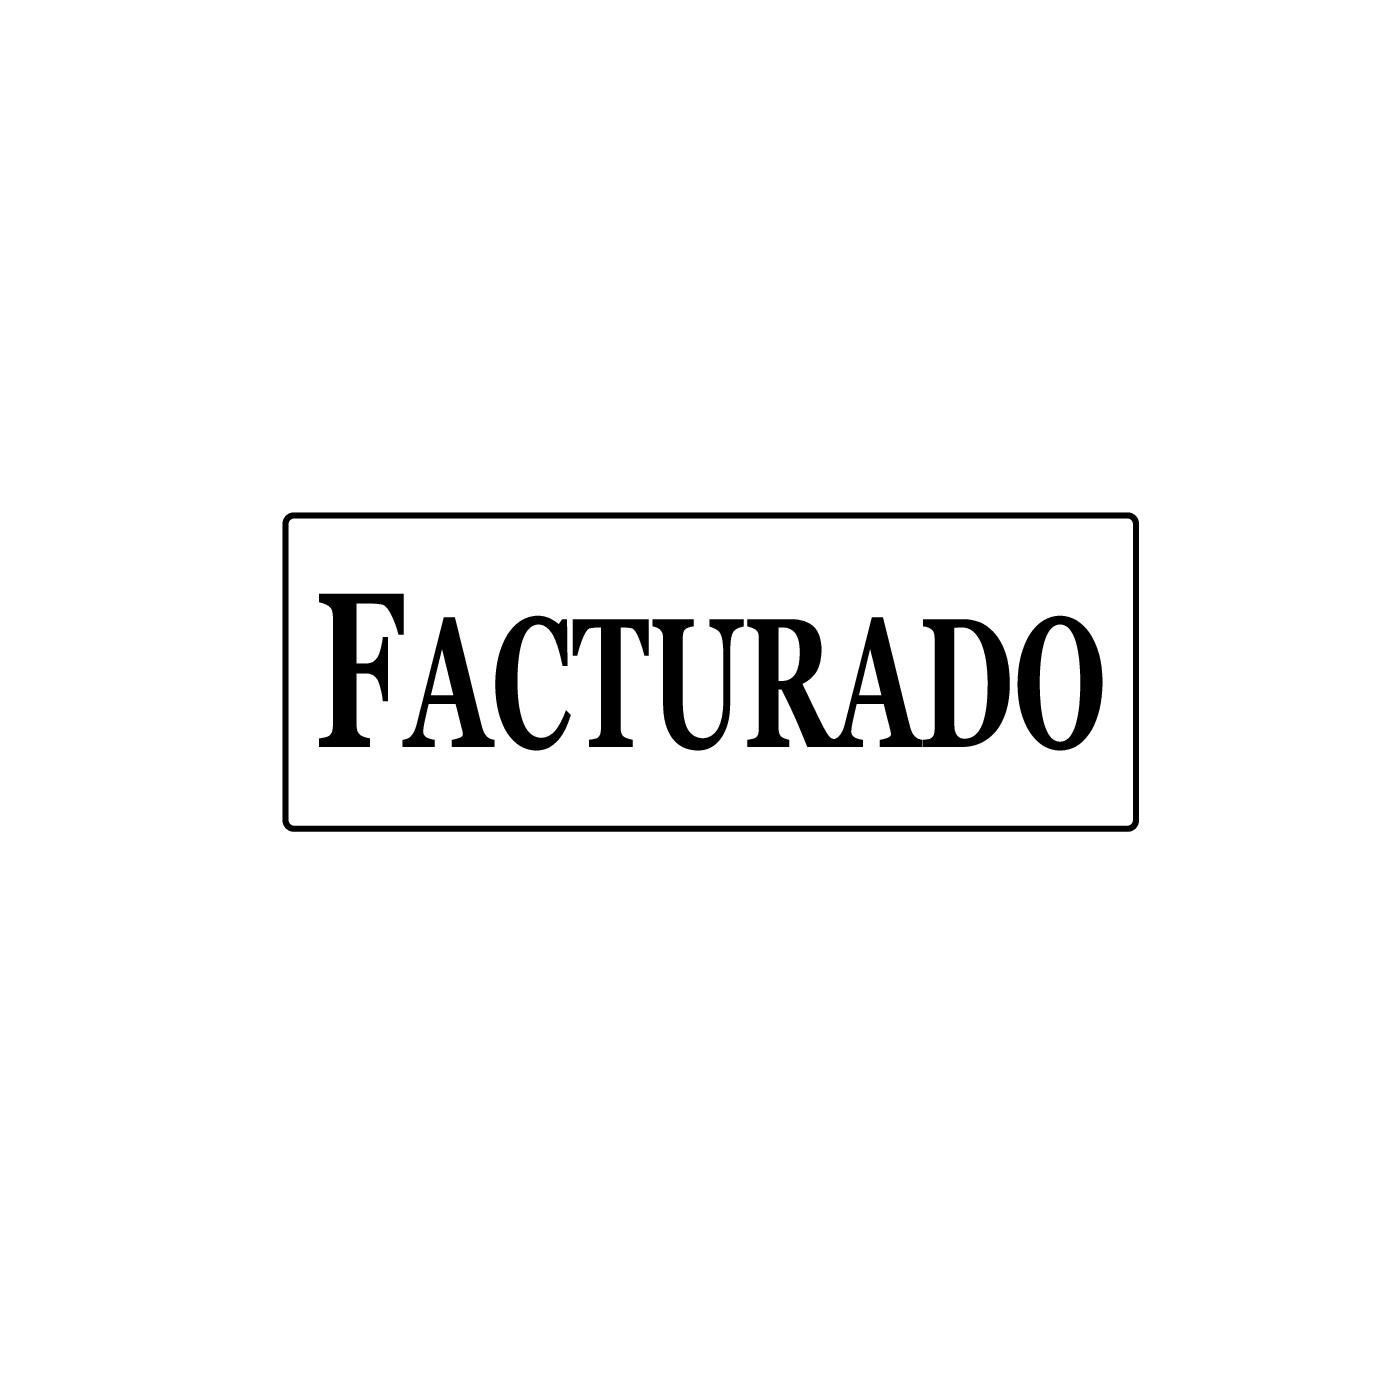 facturado-001